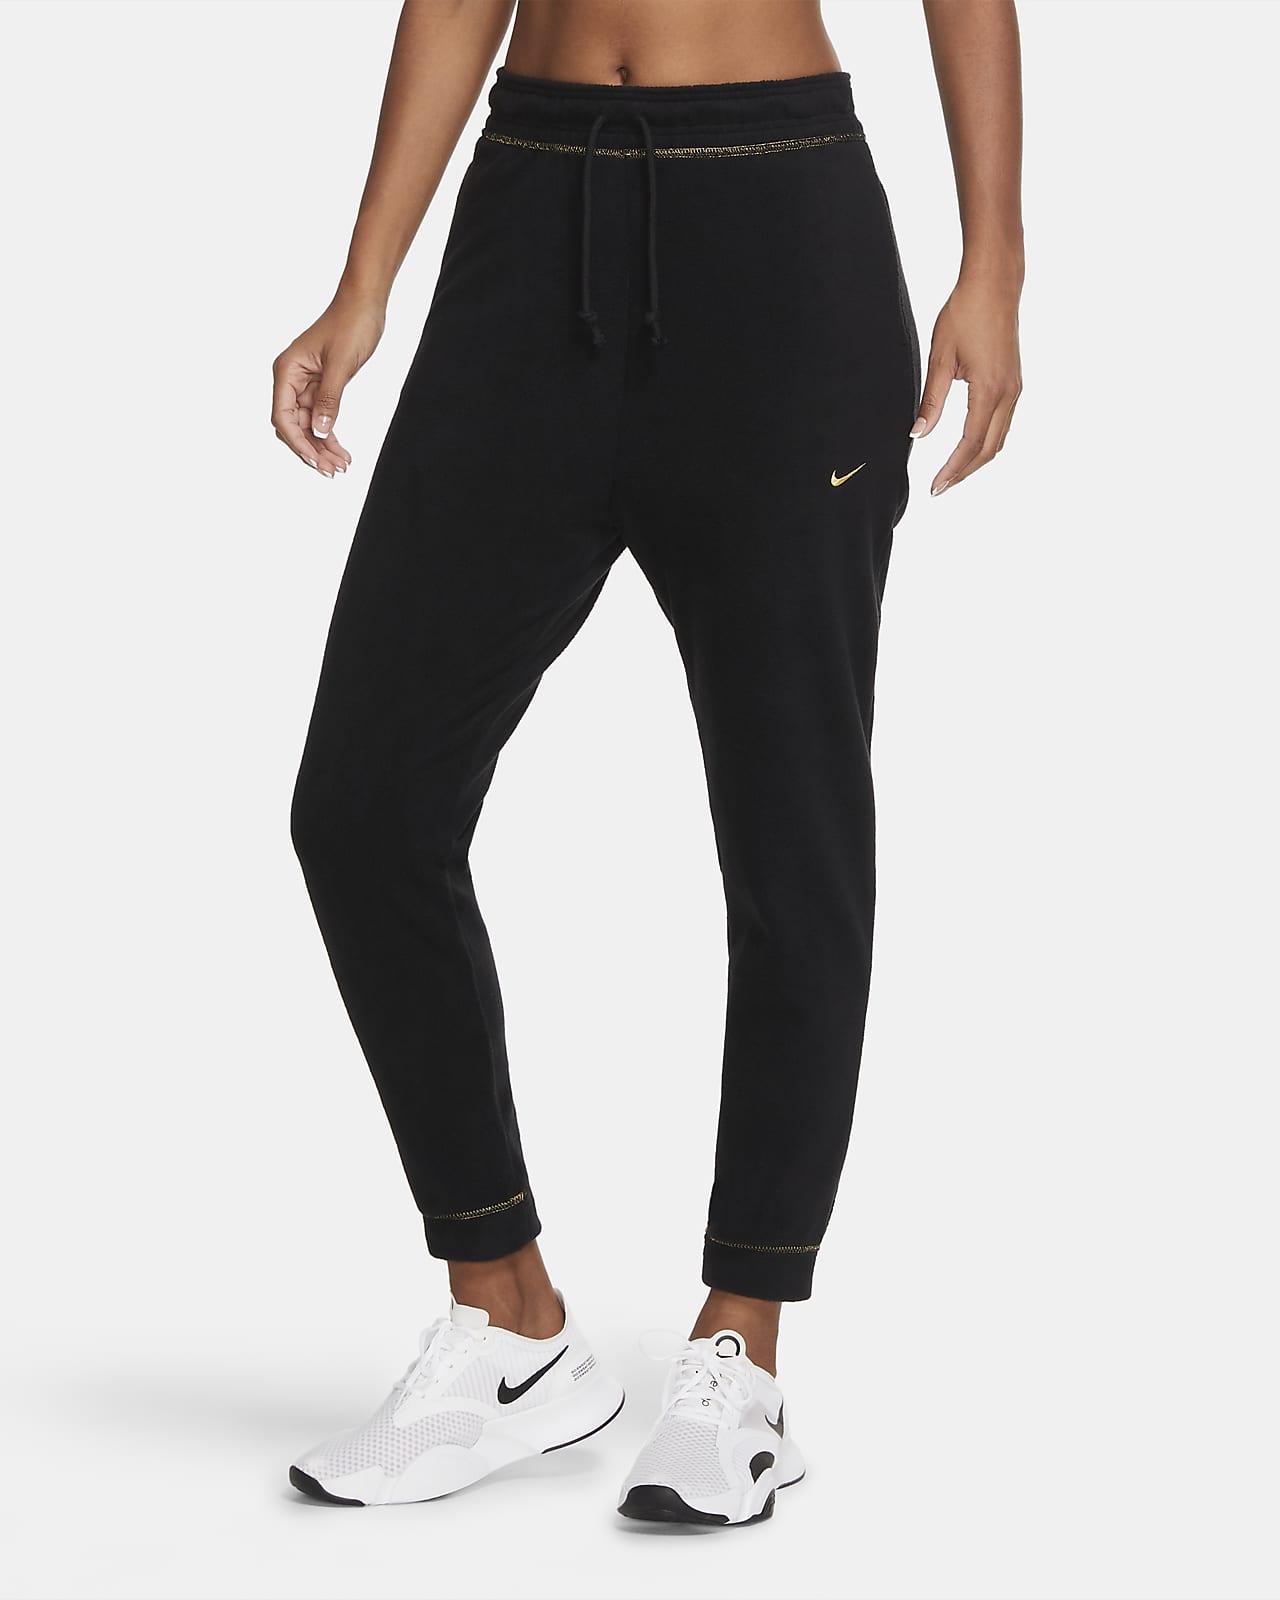 Damskie spodnie treningowe z dzianiny Nike Icon Clash